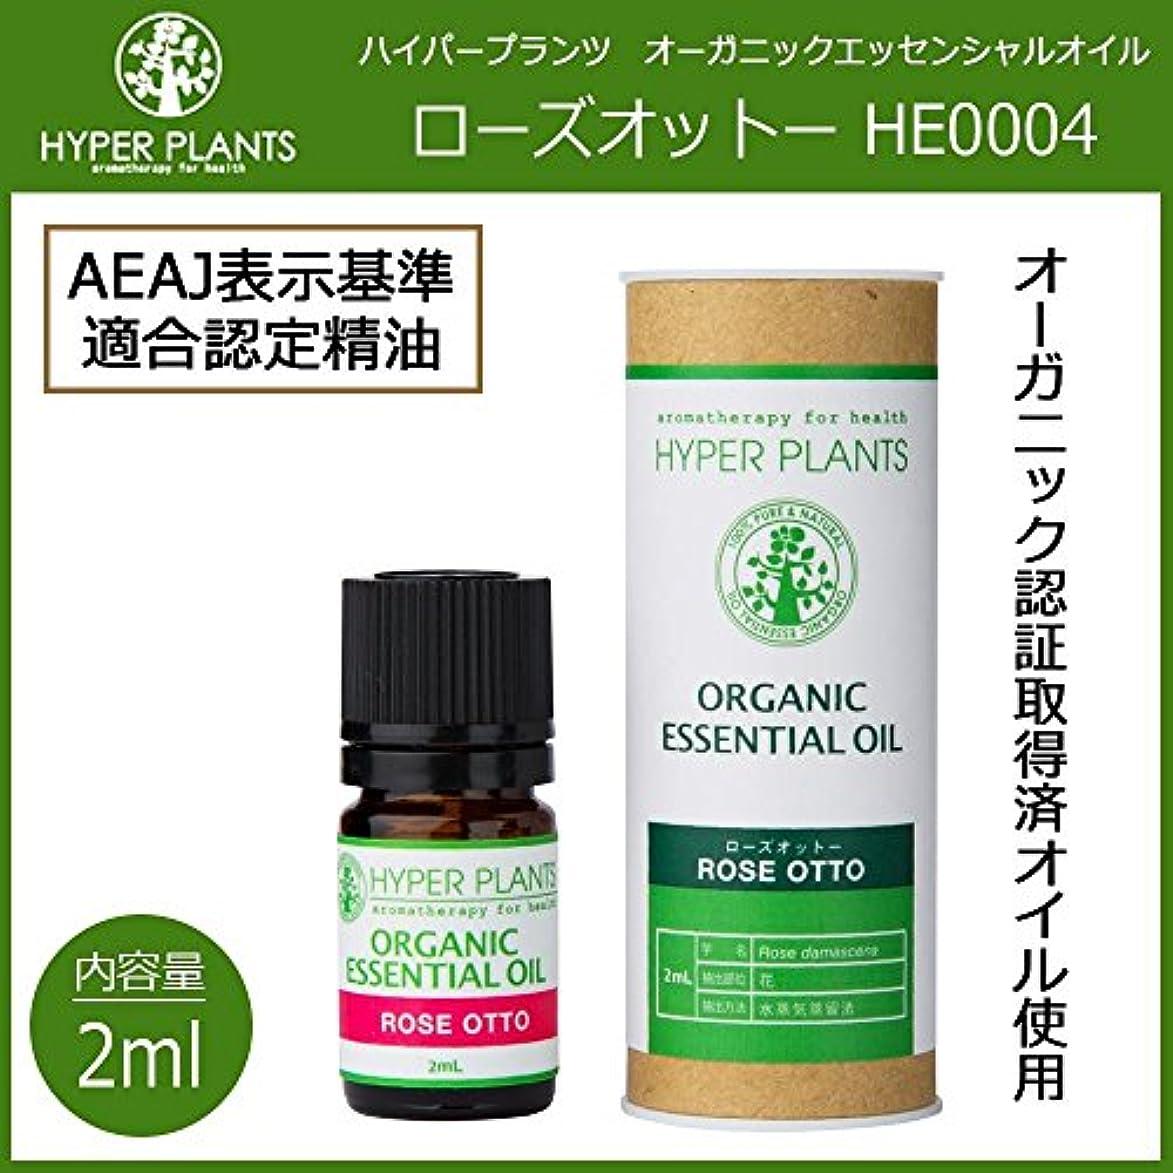 実験的平らにする悲惨なHYPER PLANTS ハイパープランツ オーガニックエッセンシャルオイル ローズオットー 2ml HE0004